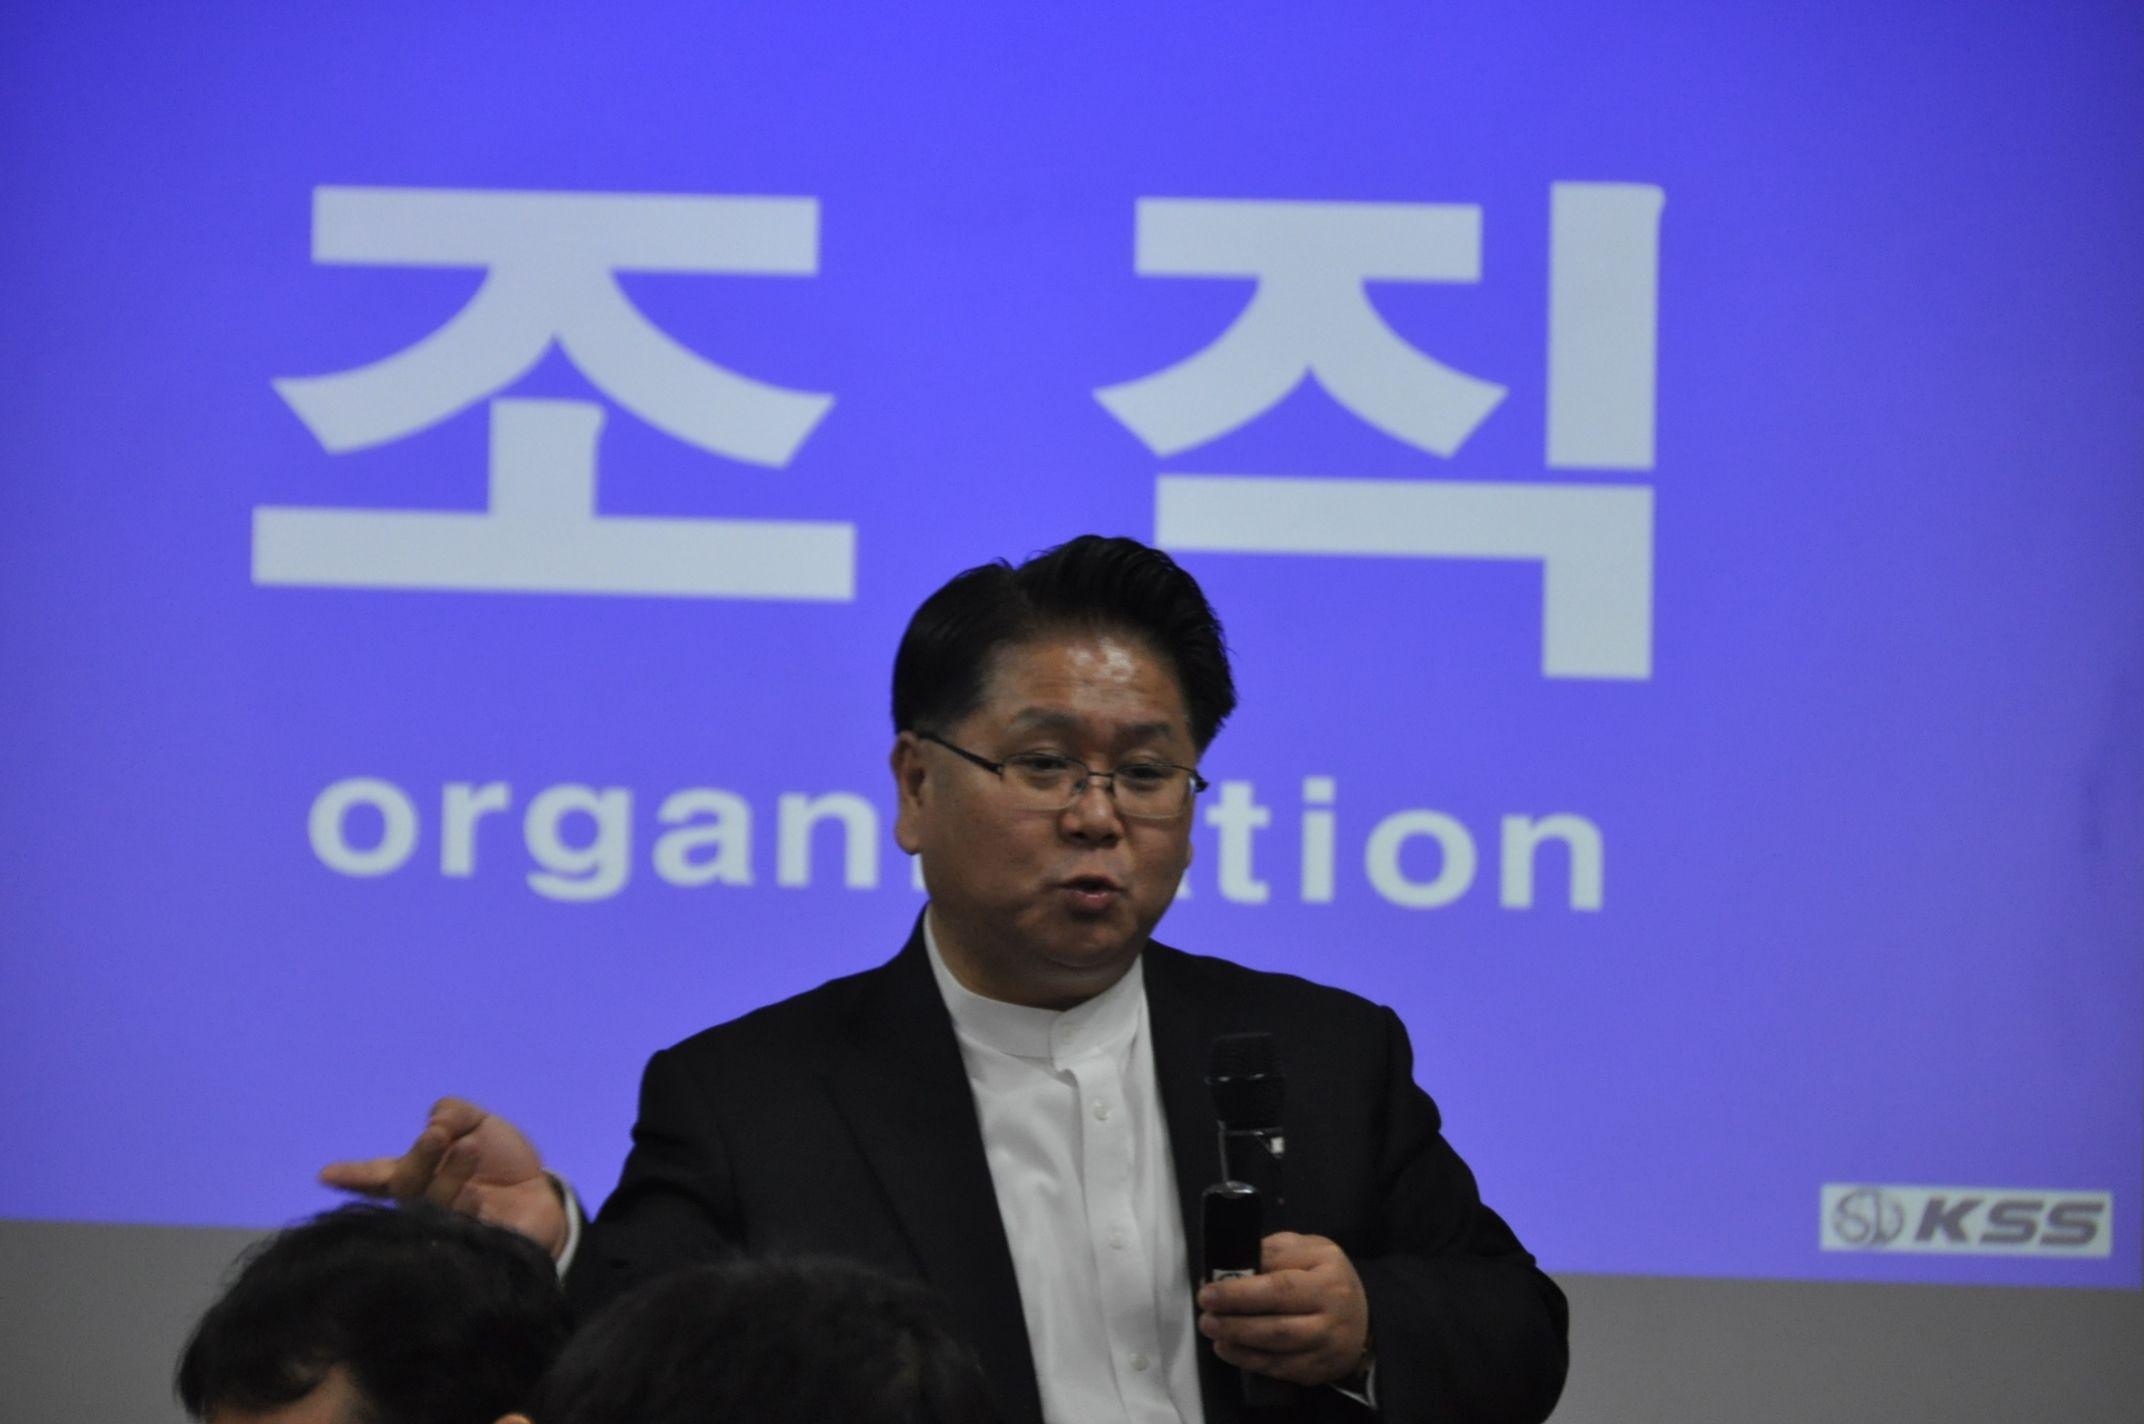 조직은 이끄는 사람과 따르는 사람으로 구성되어 있다..삼화페인트 현장사원 역량강화과정 강의중...kss김세우